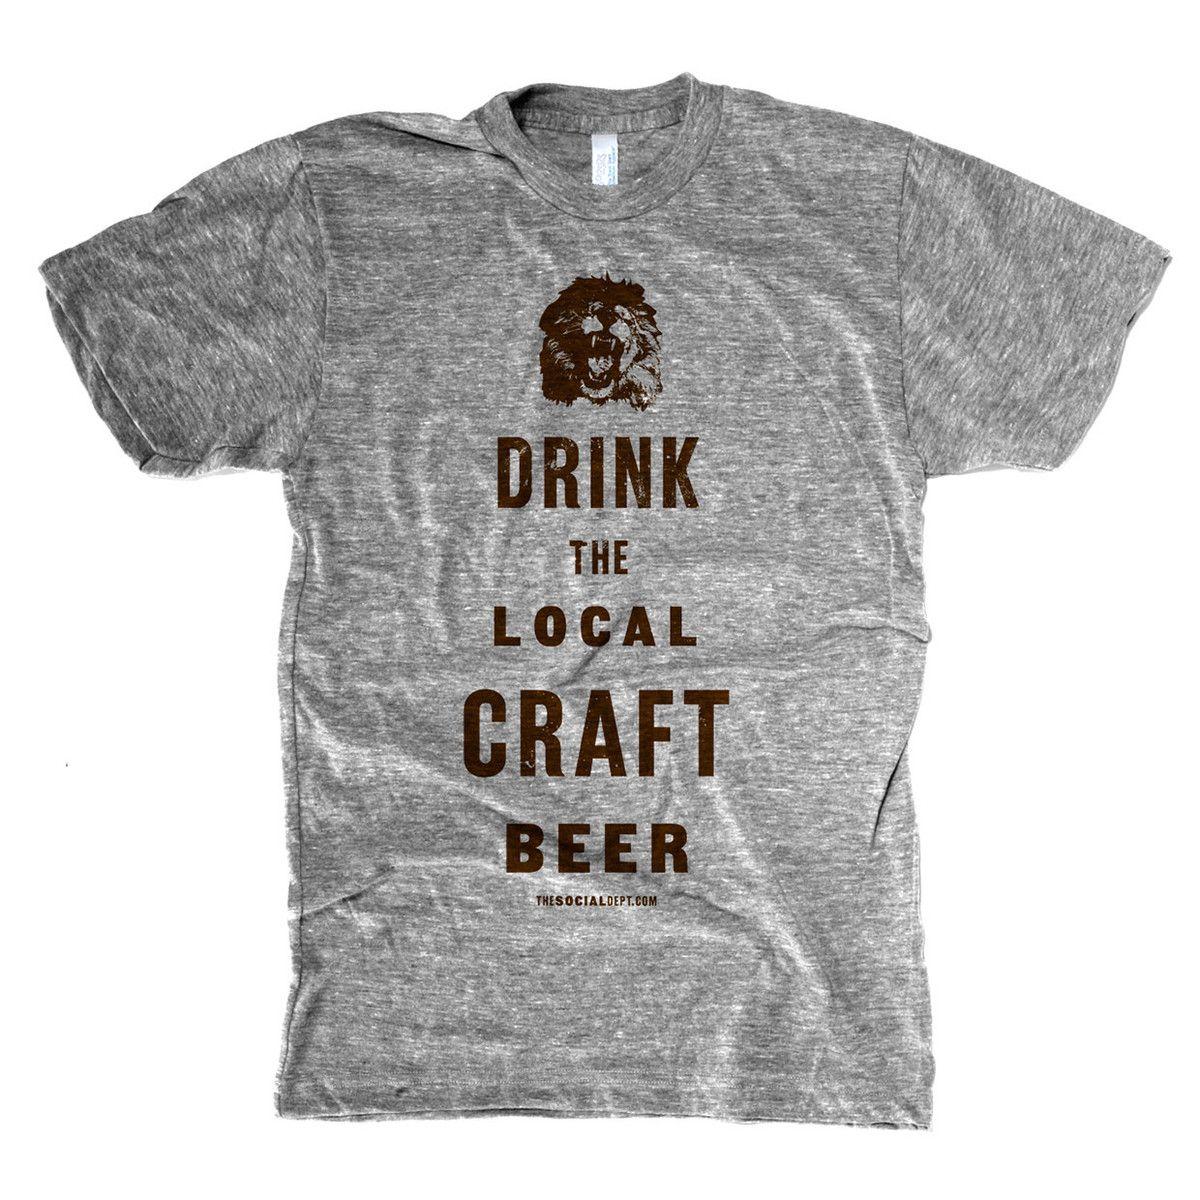 Good Beer Saved My Life Hoodie - Men S M L XL 2x 3x - Beer Hoody Sweatshirt - Brewery - 4 Colors 1P3fC